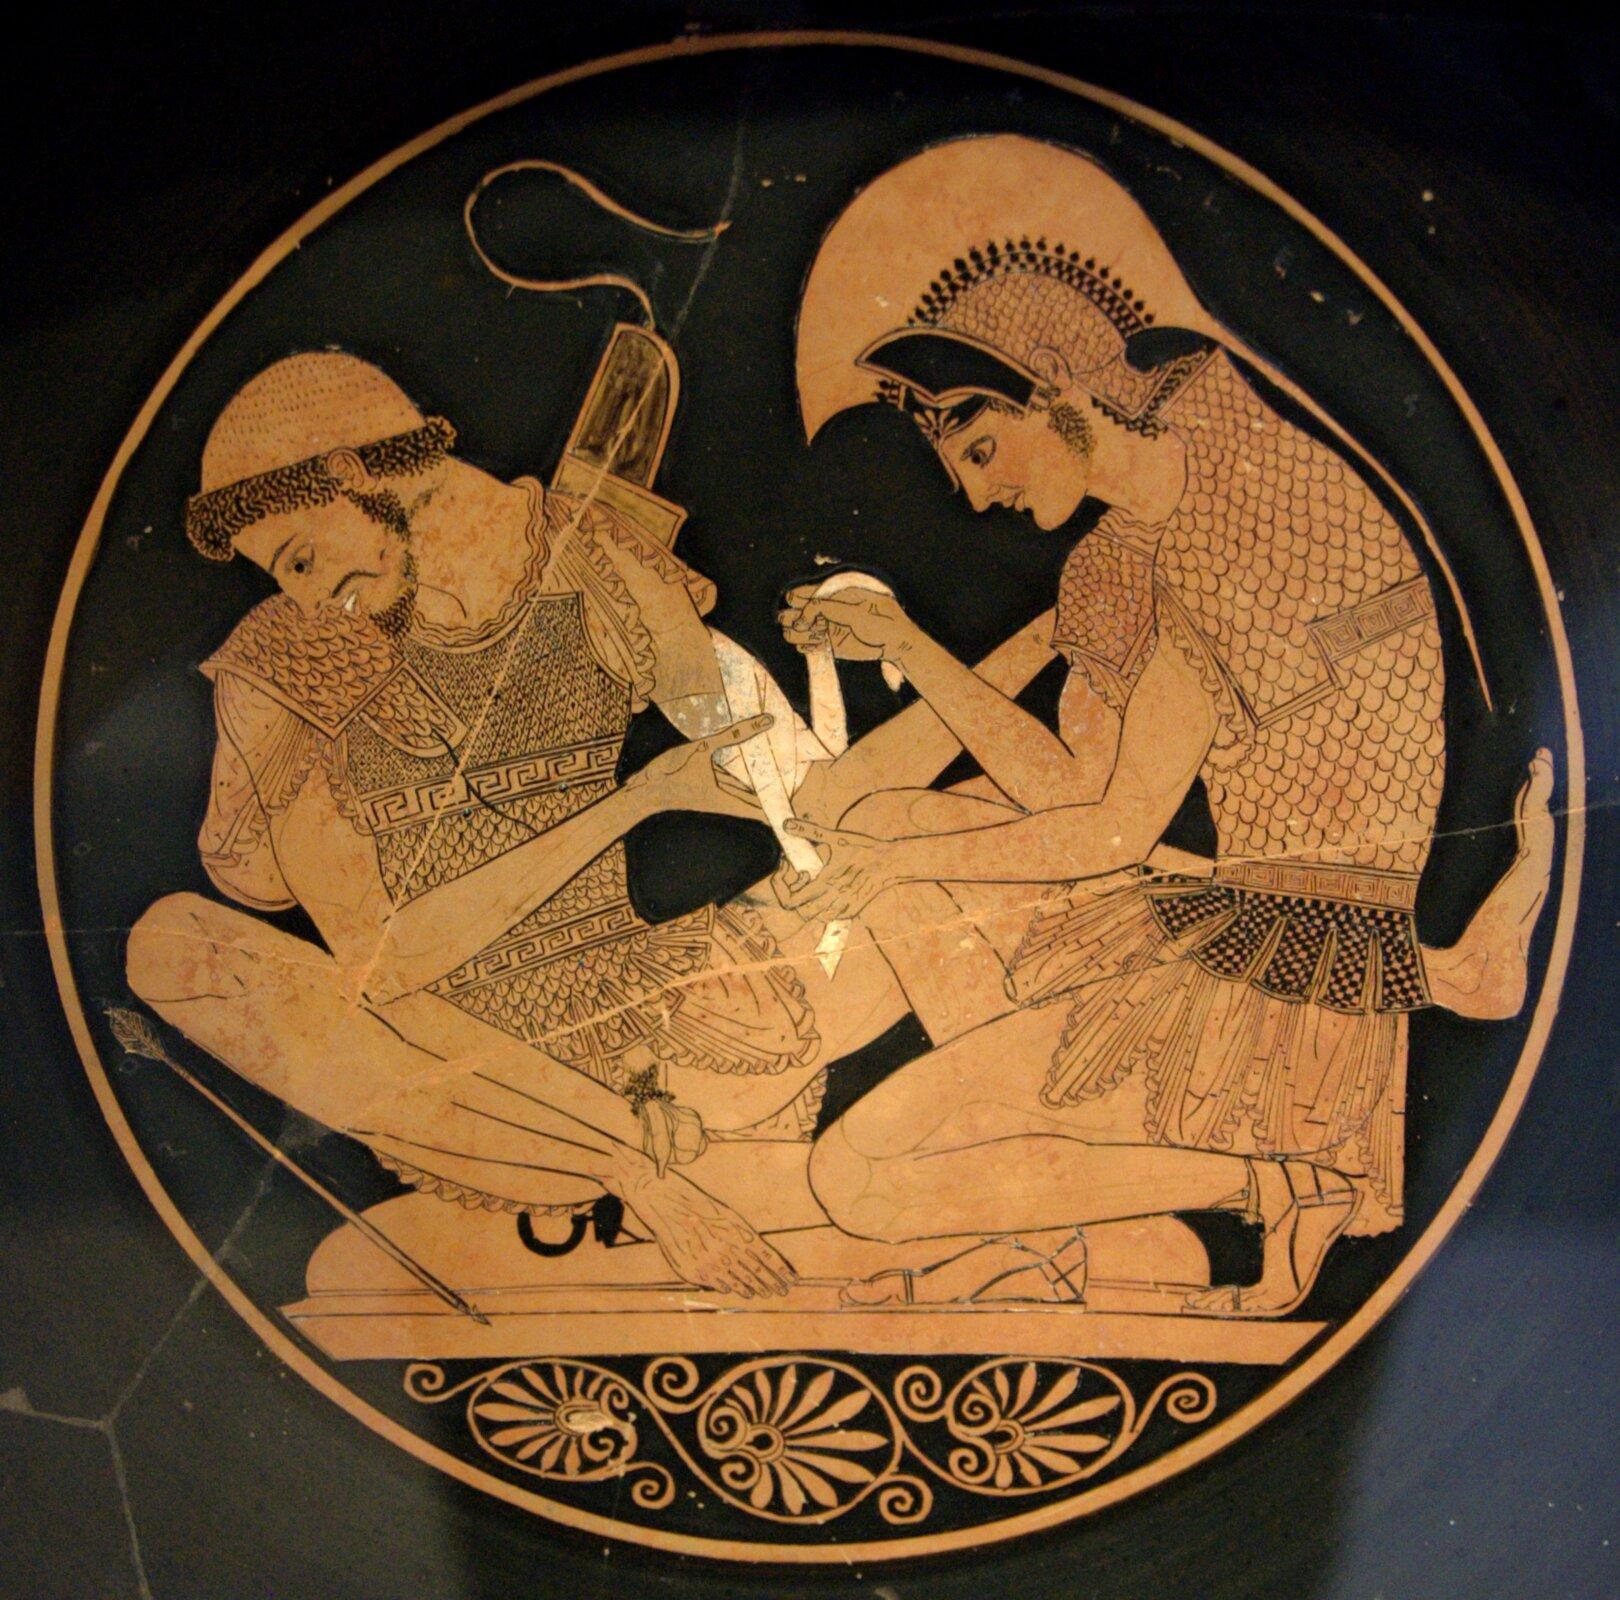 Achilles opatrujący rannego Patroklosa Scena wykonana we wnętrzu czerwonofigurowej czary zVulci Źródło: Sosias, Achilles opatrujący rannego Patroklosa, ok. 500 r. p.n.e., British Museum, Londyn, domena publiczna.